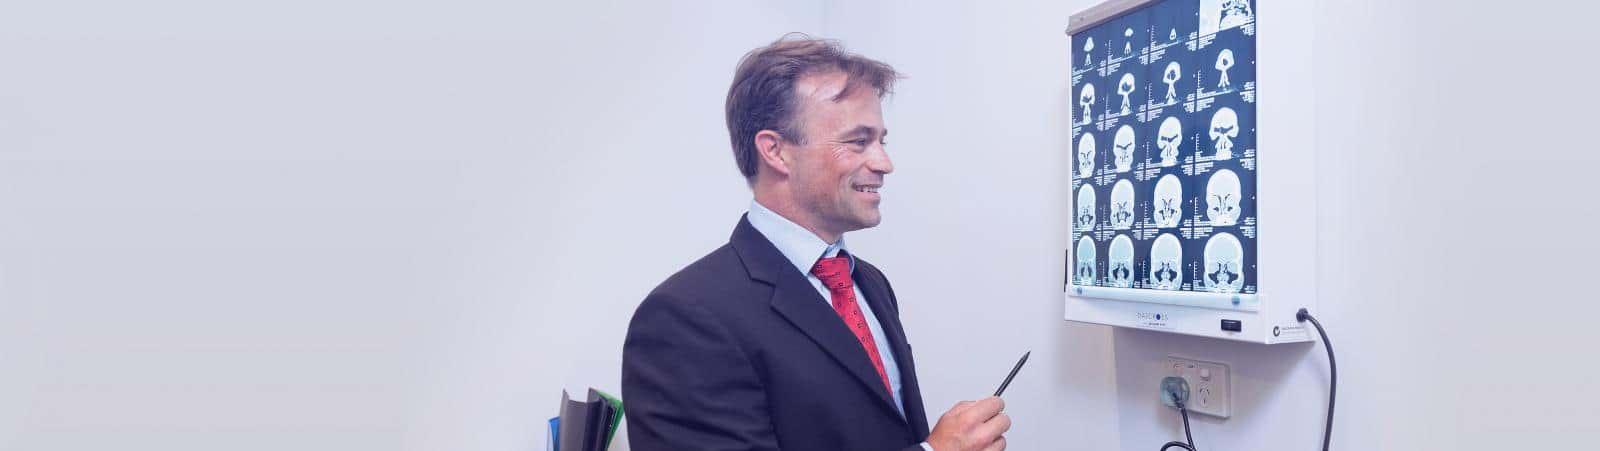 Dr Daniel Timperley